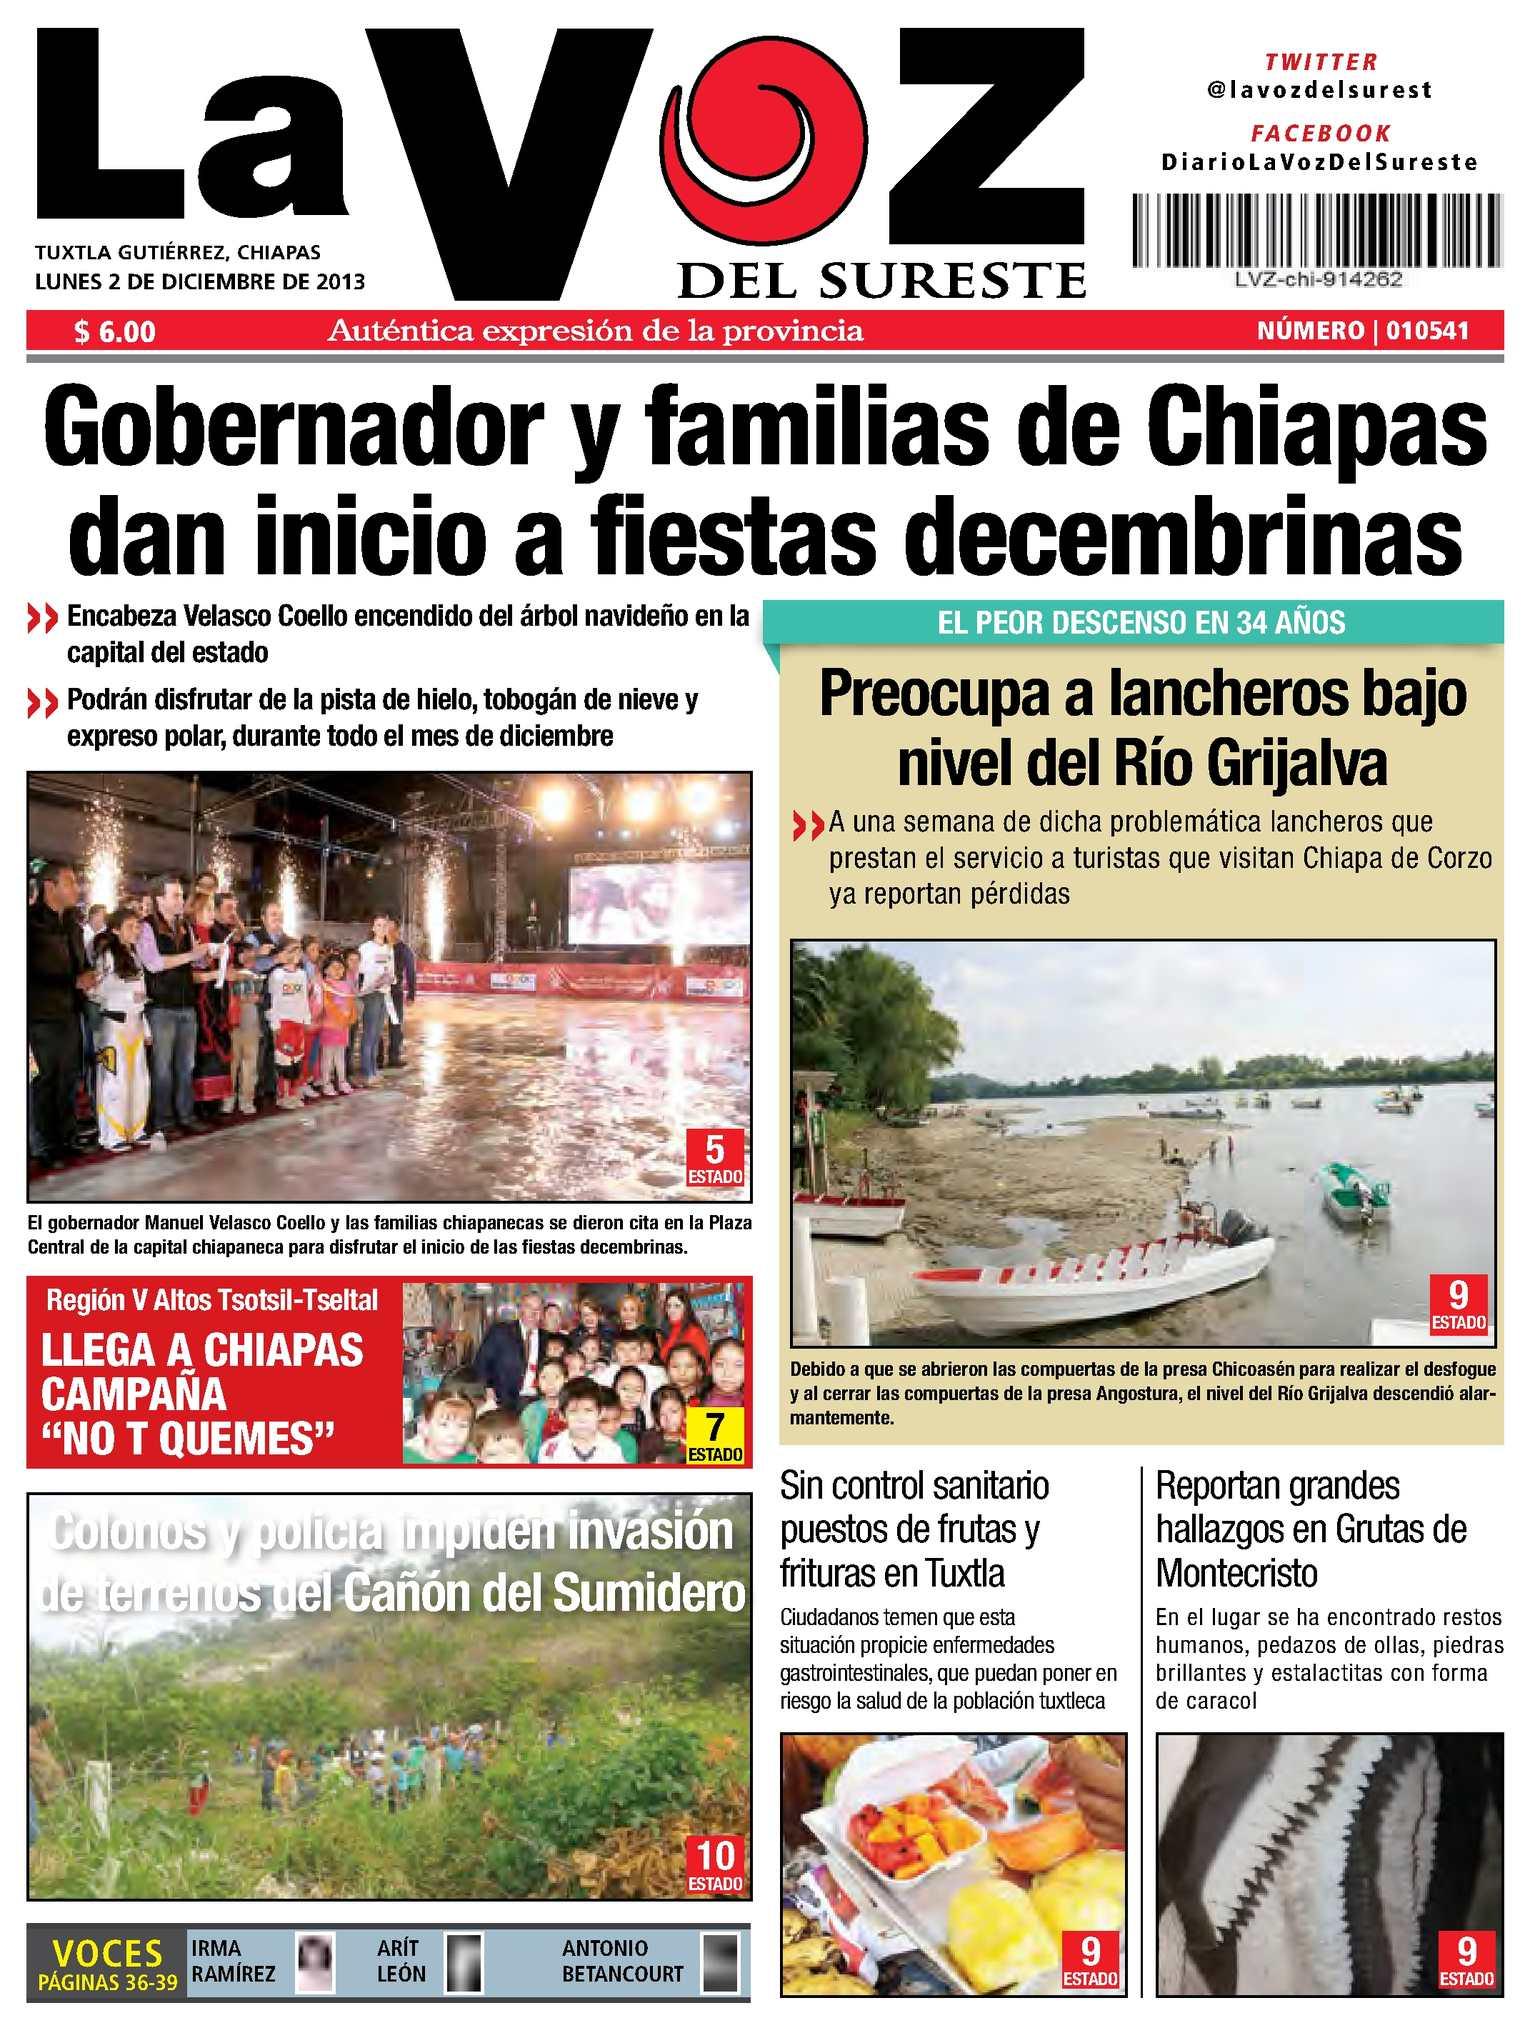 Del La Diario Sureste Calaméo Voz PkXZOiu